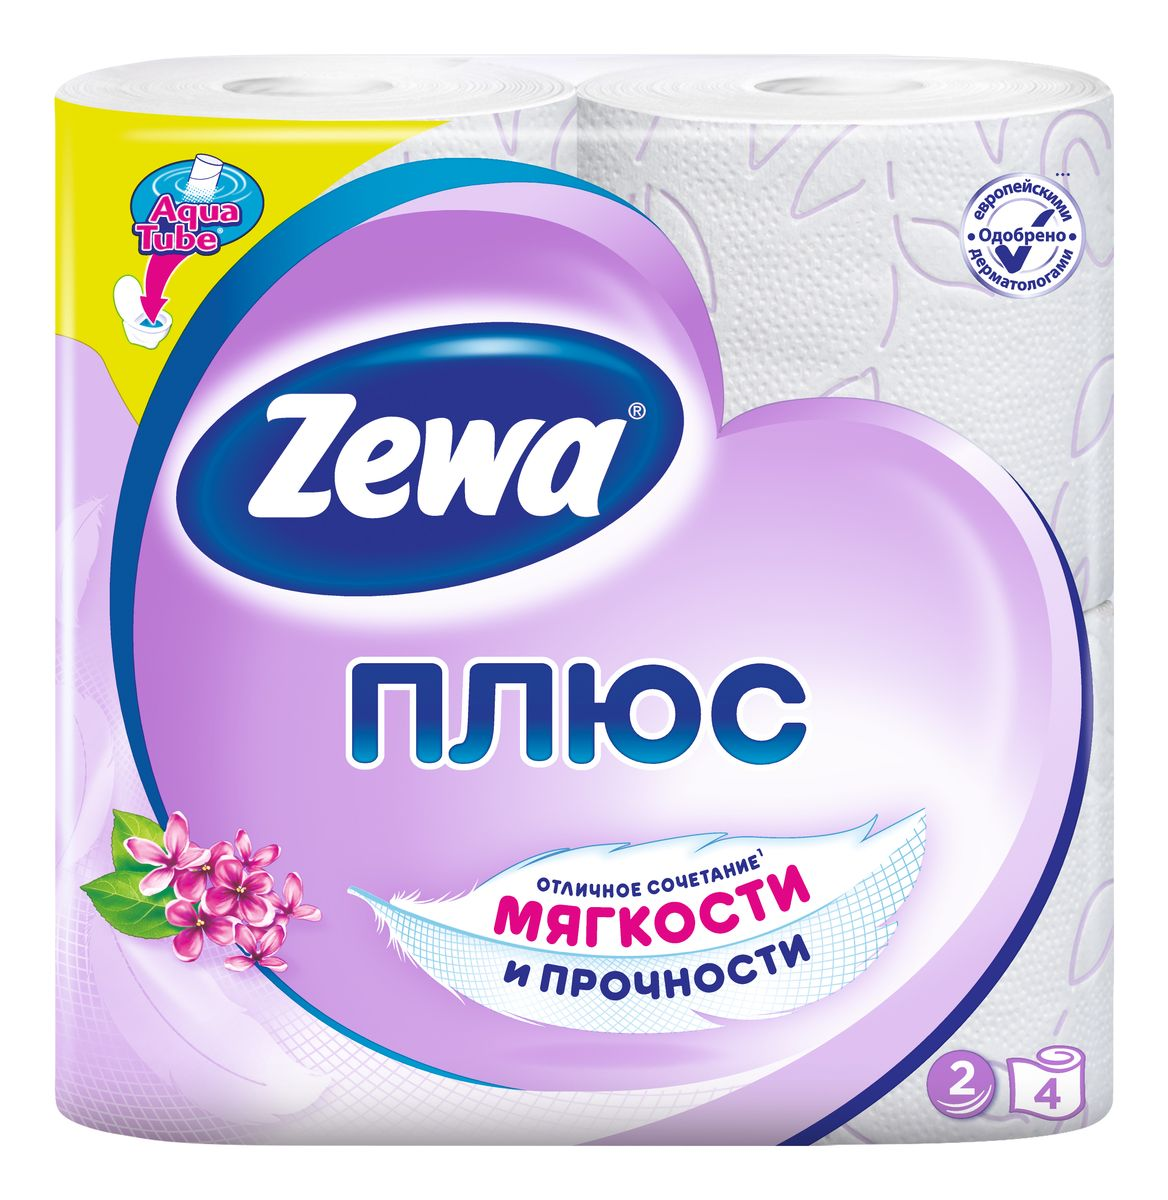 Туалетная бумага Zewa Плюс Сирень, 2 слоя, 4 рулона02.03.05.144052/144108Туалетная бумага Zewa Плюс - это отличное сочетаниемягкости и прочности.Она одобренадерматологами и прекрасно подойдет всемчленам вашей семьи – и тем, кому нужна мягкая бумага, и тем,кому важна прочность. Позаботьтесьо себе и своих близких вместе с Zewa. Сенсация! Со смываемой втулкой Aqua Tube! Белая 2-х слойная туалетная бумага с сиреневым тиснением иароматом сирени 4 рулона в упаковке Состав: вторичное сырье Производство: Россия